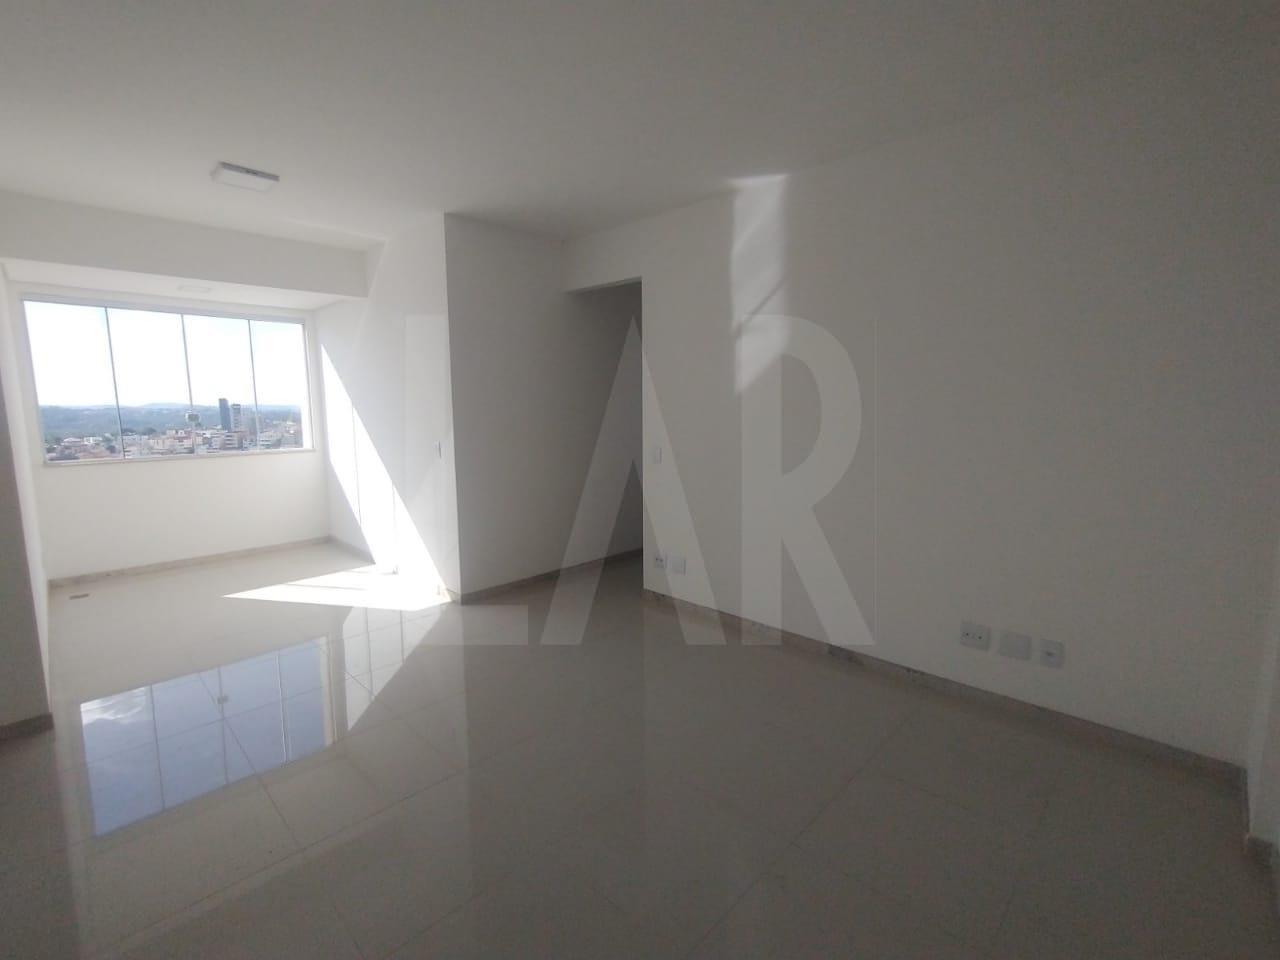 Foto Cobertura de 3 quartos à venda no OURO PRETO em Belo Horizonte - Imagem 07